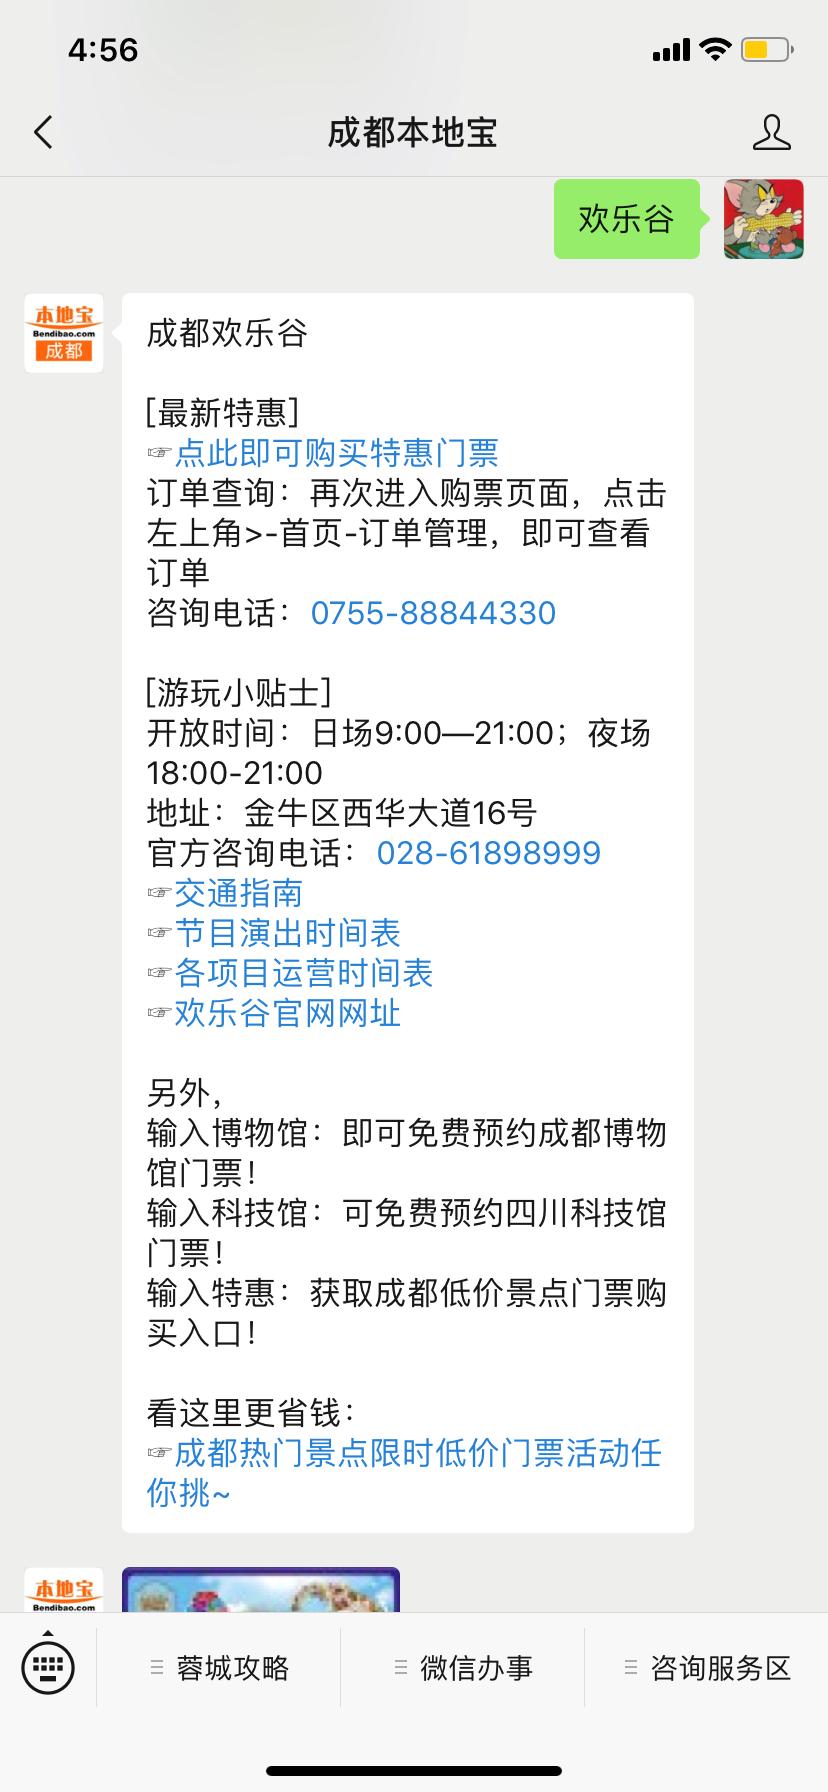 2019年五一成都欢乐谷活动门票购买入口